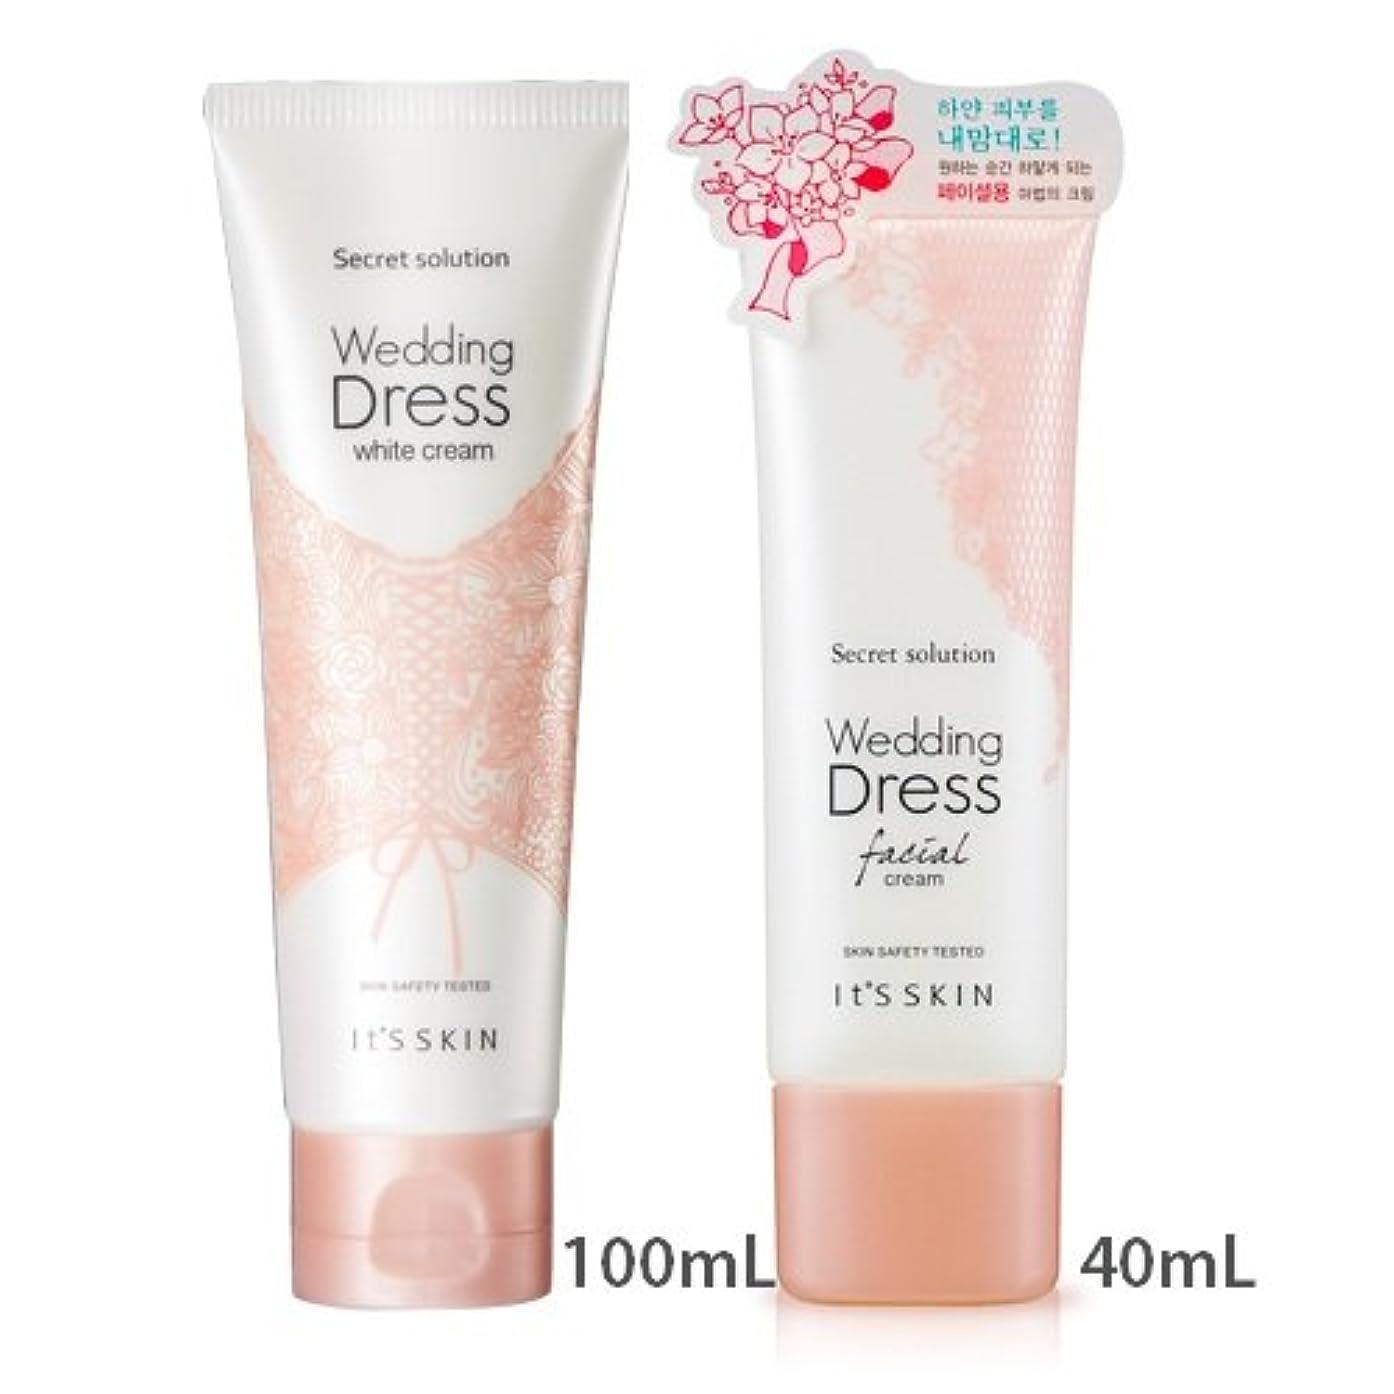 浴室災難対角線[1+1] It's skin Secret Solution Wedding Dress Facial Cream 40mL + Secret Solution Wedding Dress Cream 100mL イッツスキン...